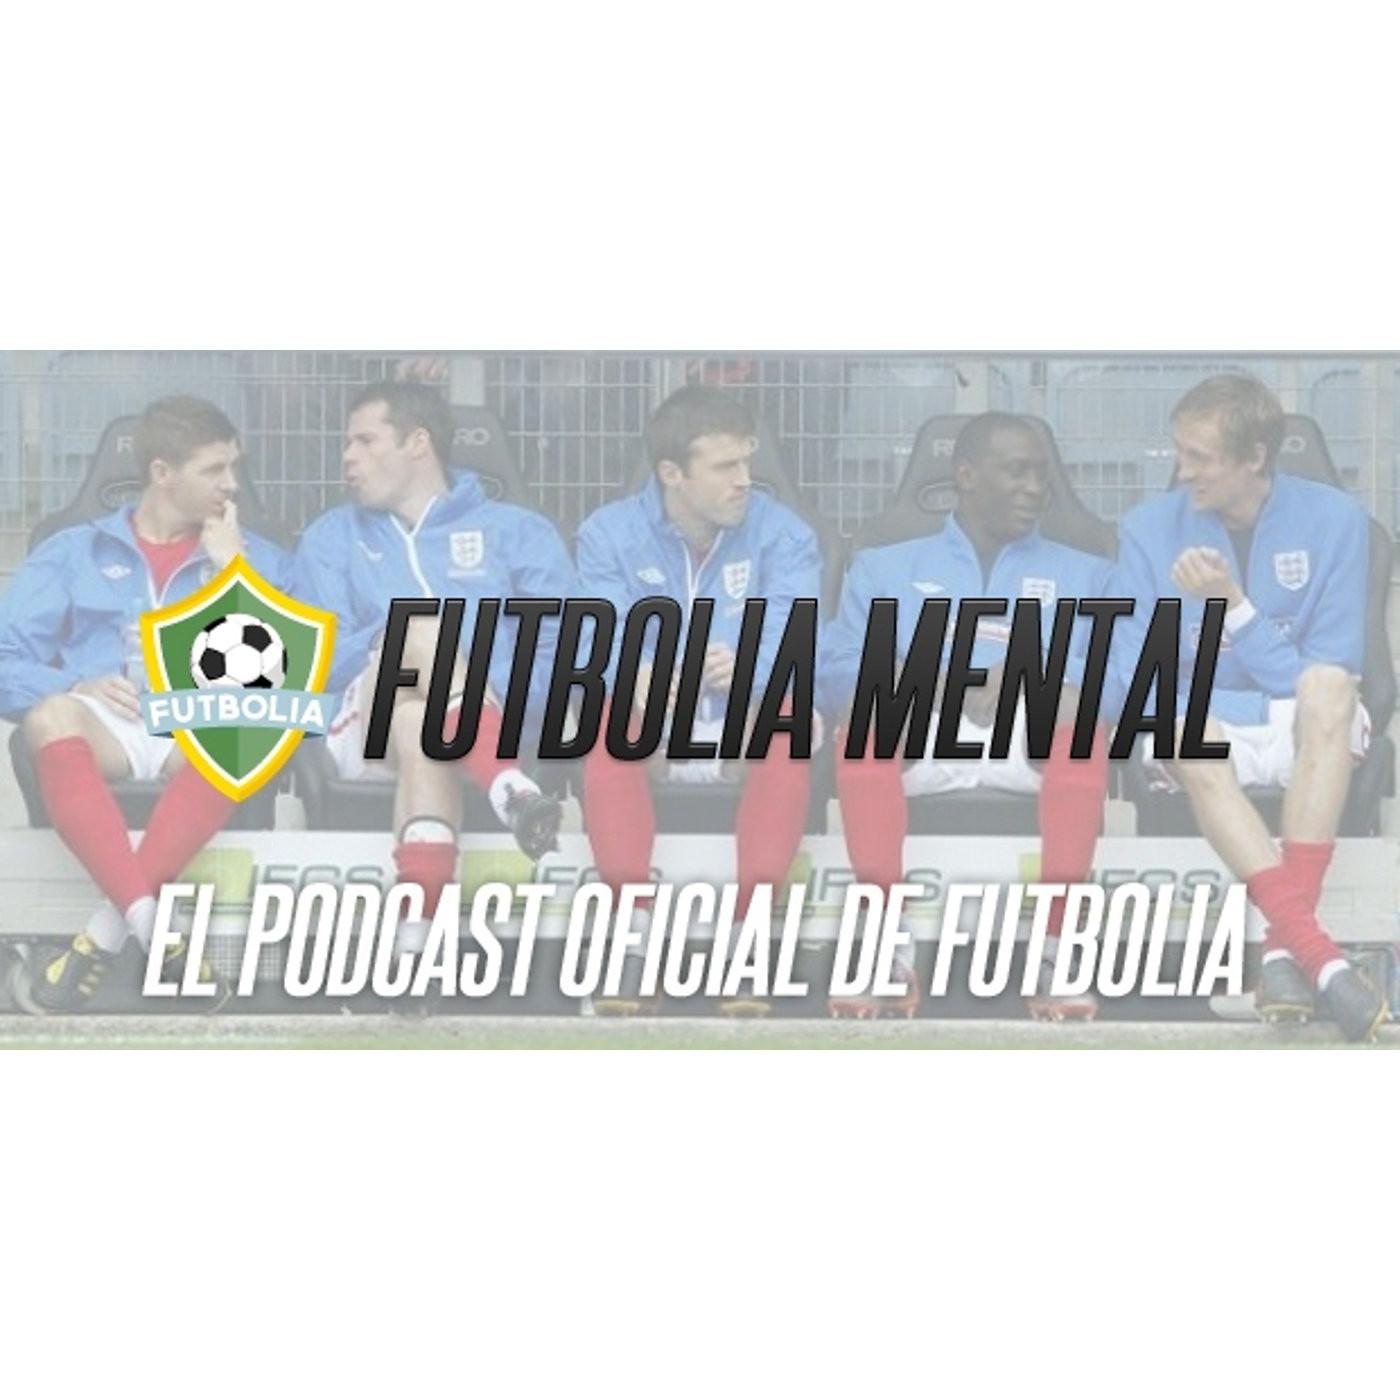 <![CDATA[Futbolia Mental, tu podcast de fútbol]]>